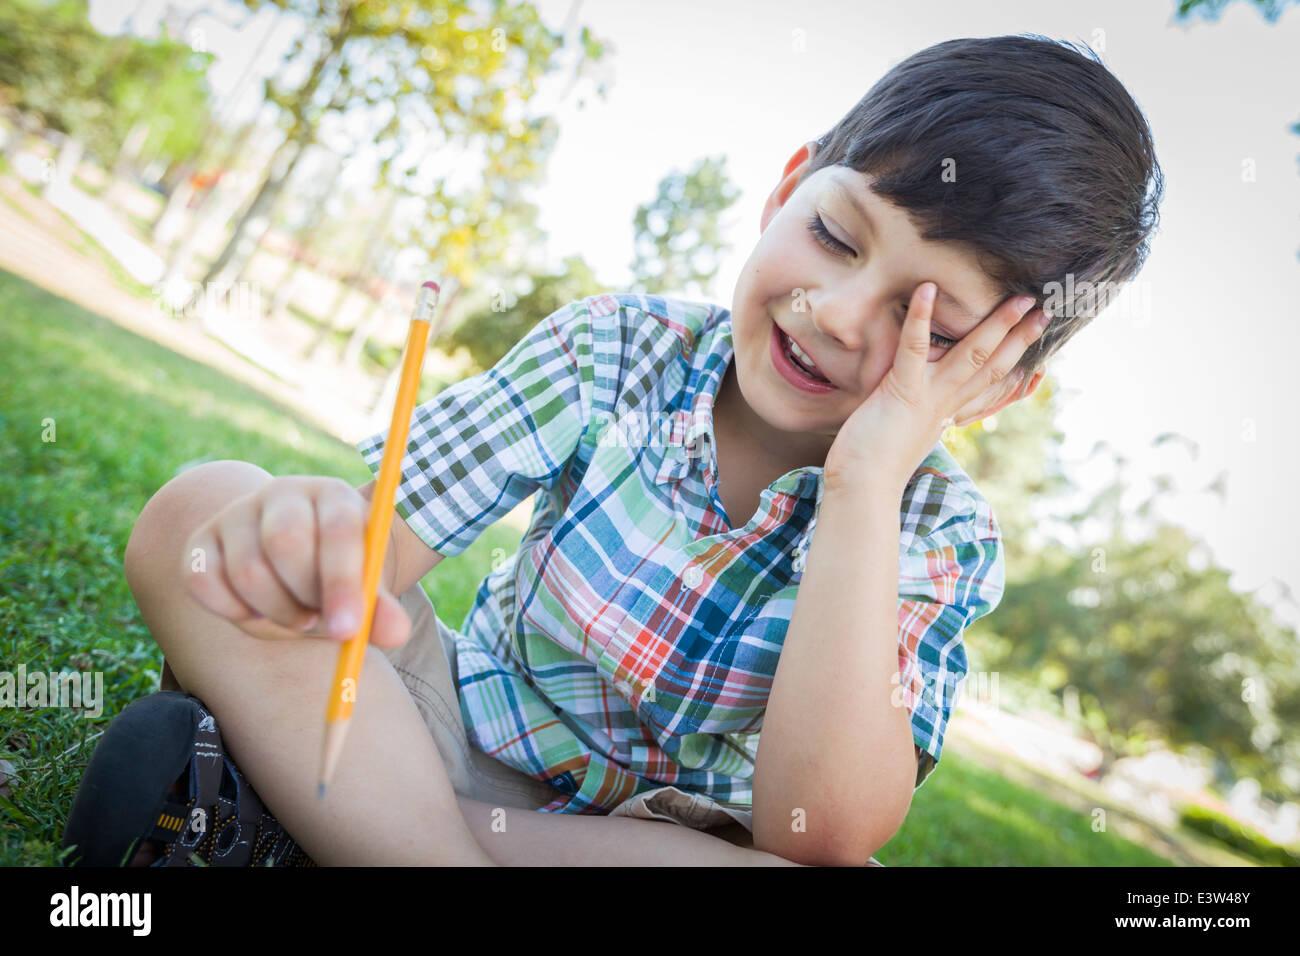 Frustriert niedliche Junge Bleistift sitzen auf dem Rasen im Freien halten. Stockbild